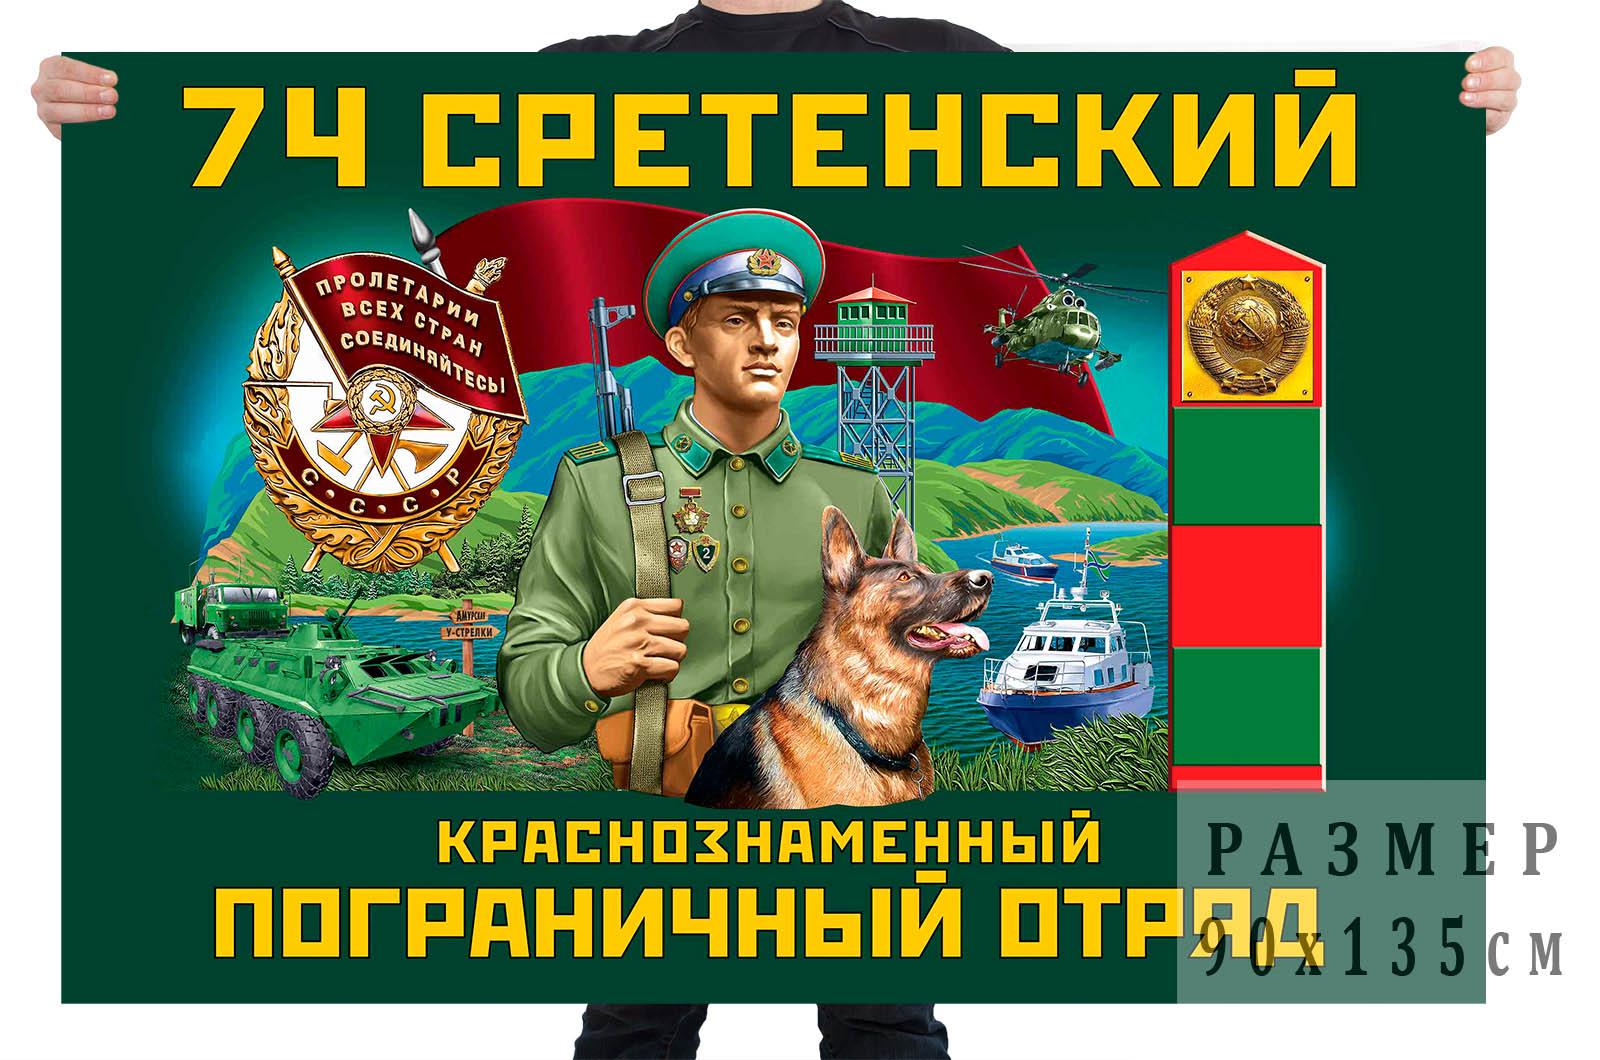 Флаг 74 Сретенского Краснознамённого пограничного отряда